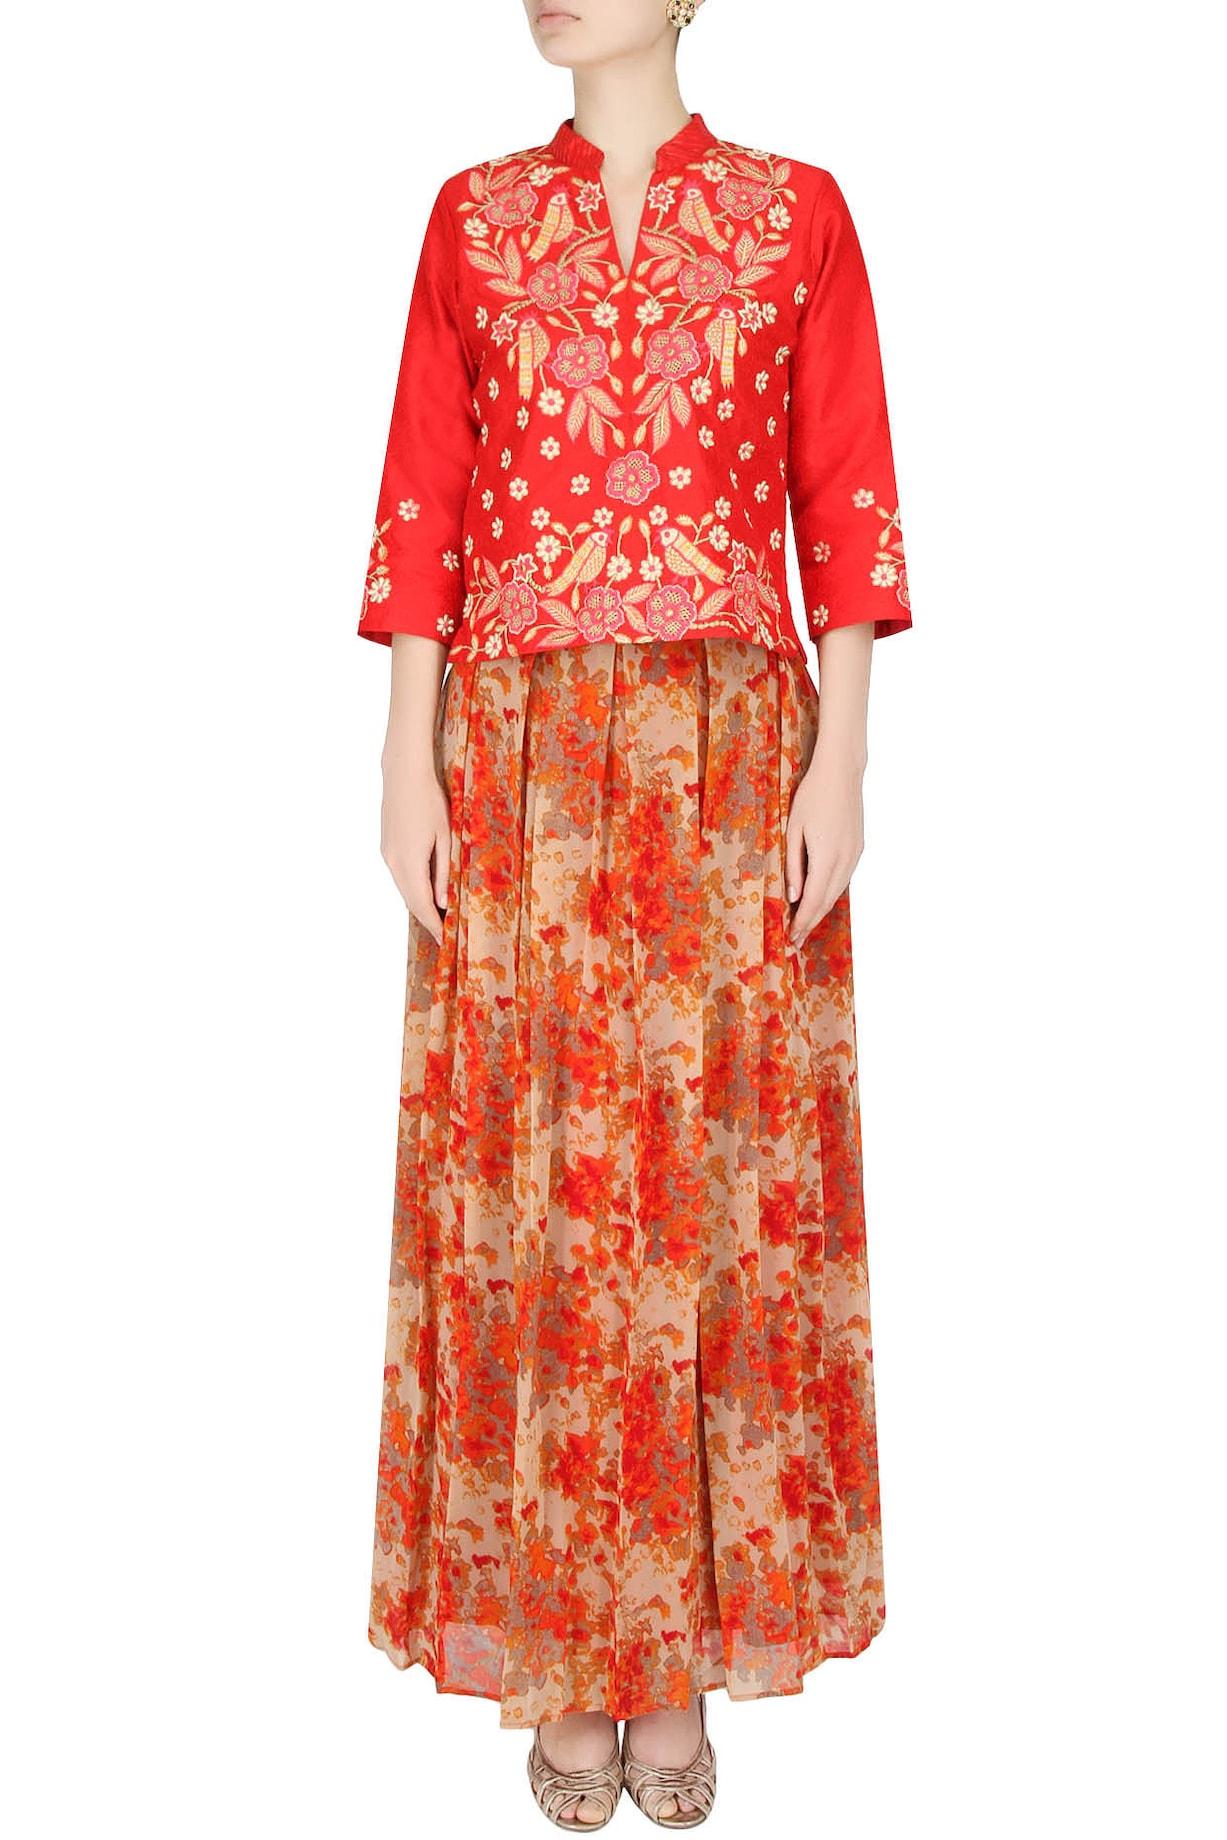 Surabhi Arya Skirts